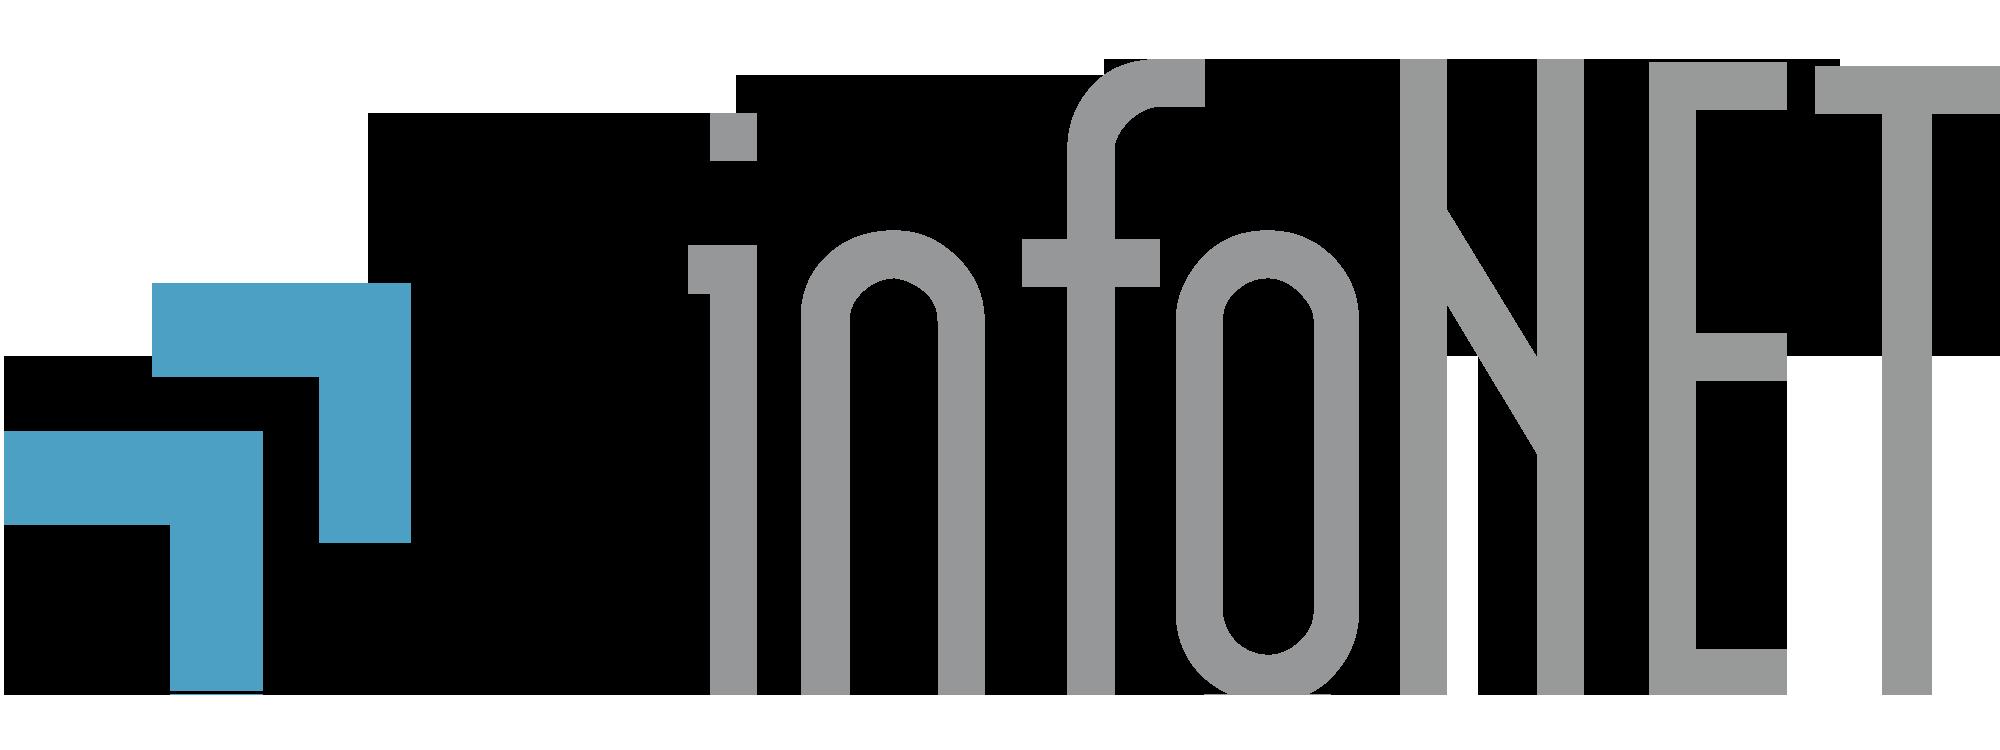 Infonet.hr Blog